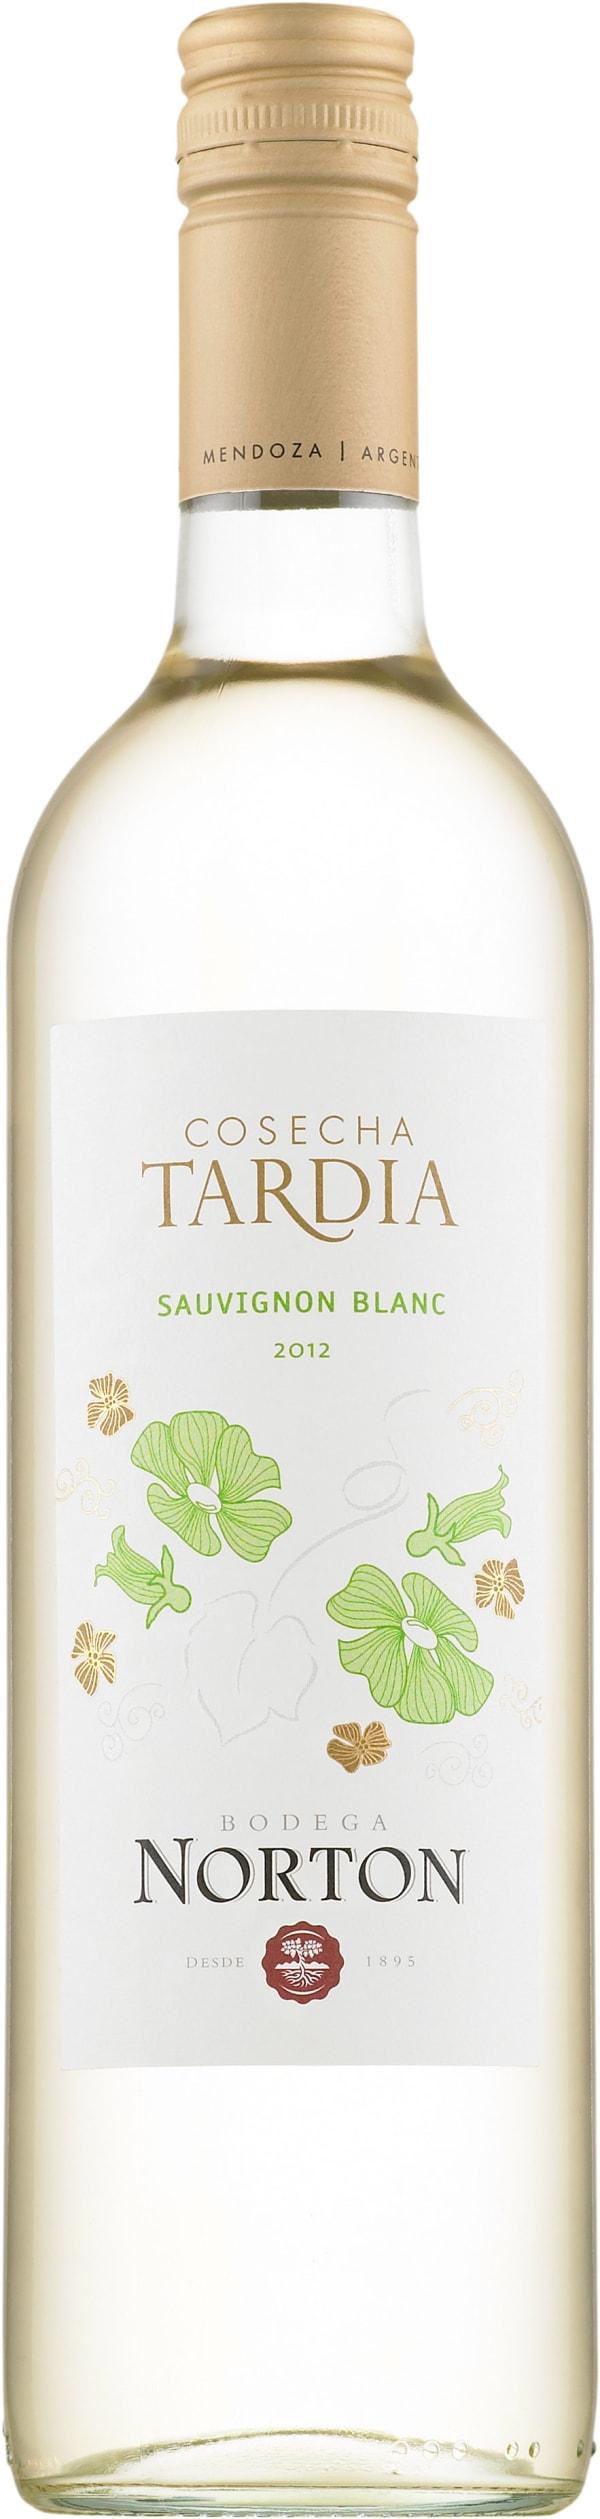 Norton Sauvignon Blanc Cosecha Tardía 2018